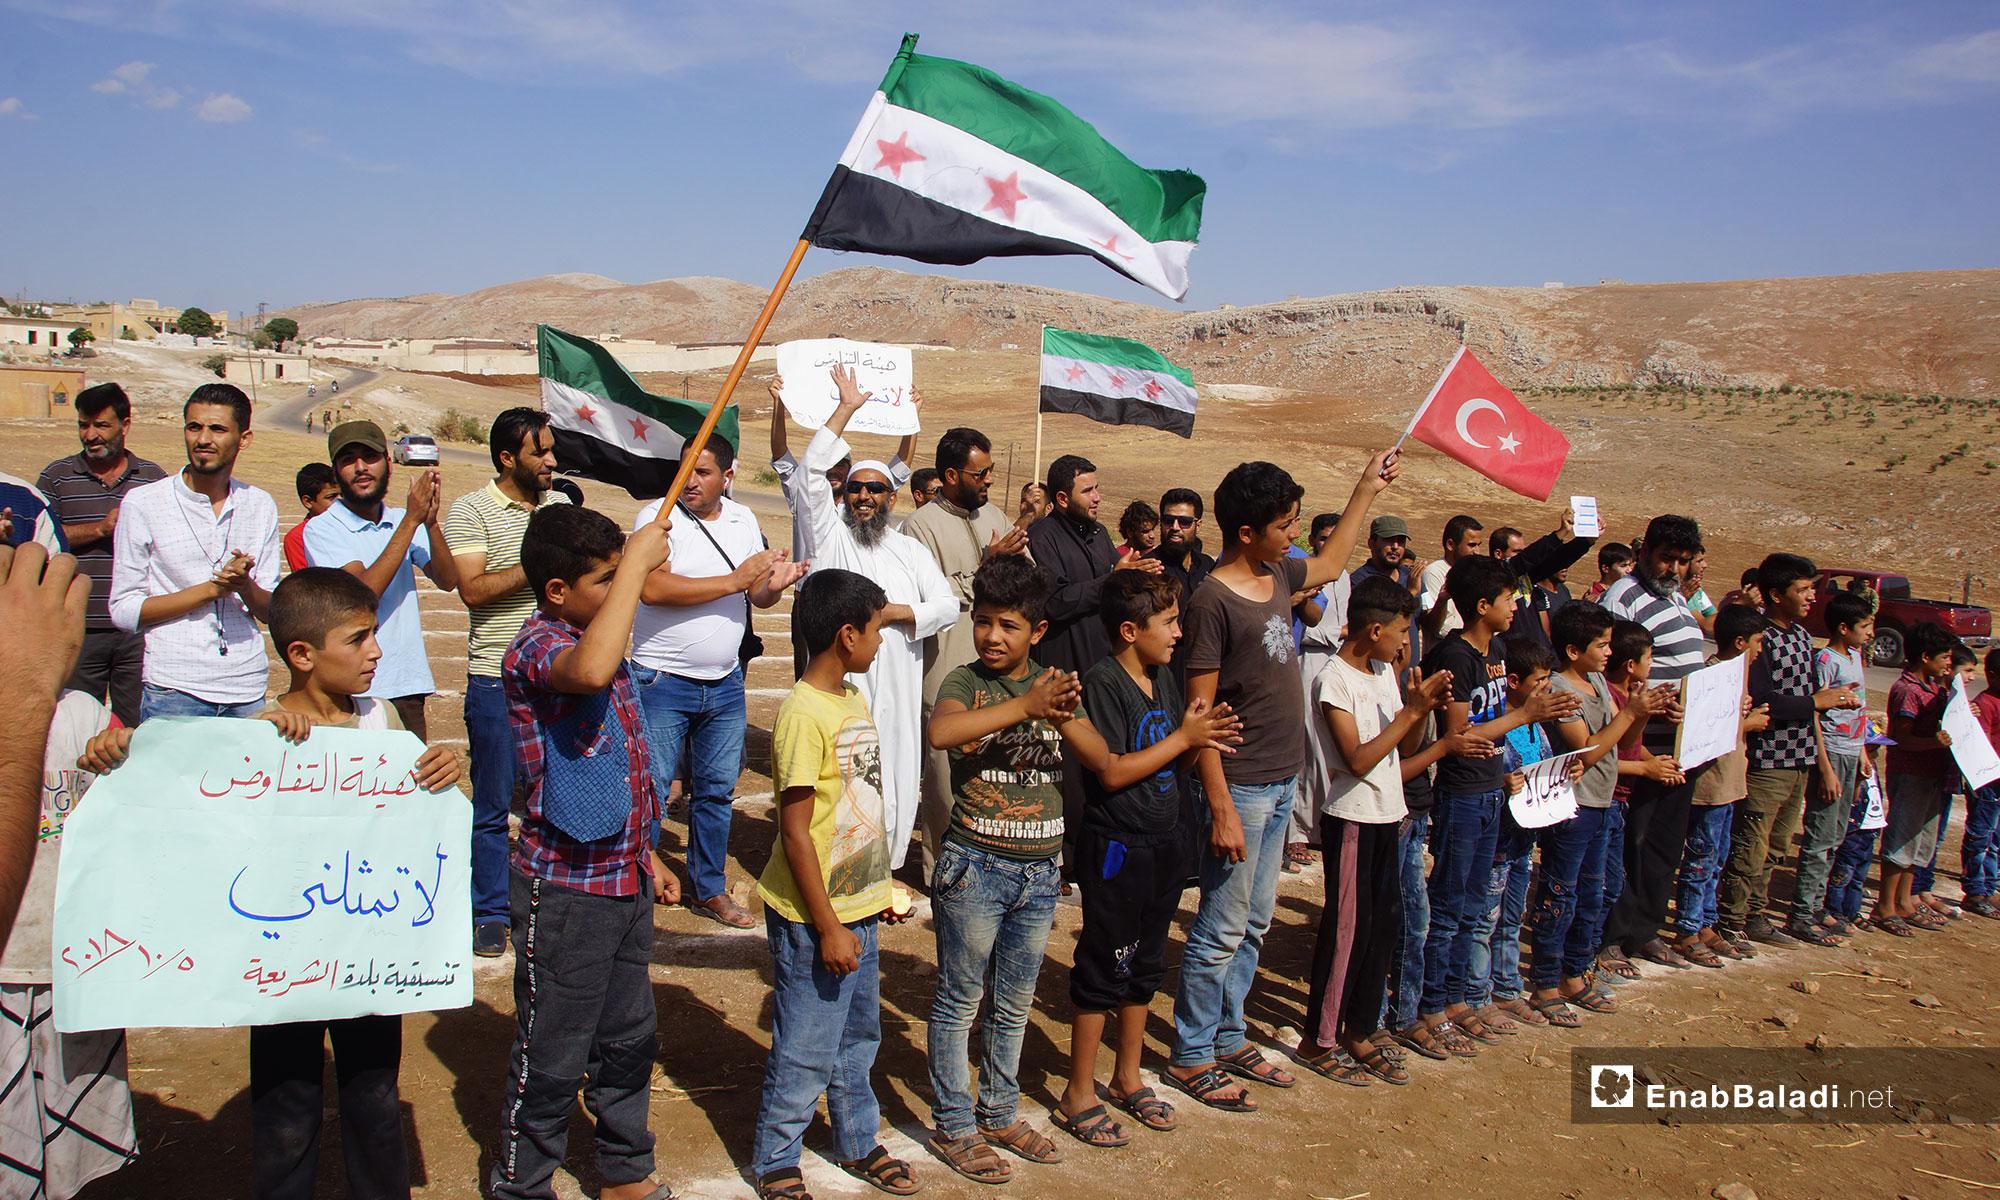 مظاهرات في ريف حماة تطالب بإسقاط النظام السوري- 5 تشرين الأول 2018 (عنب بلدي)